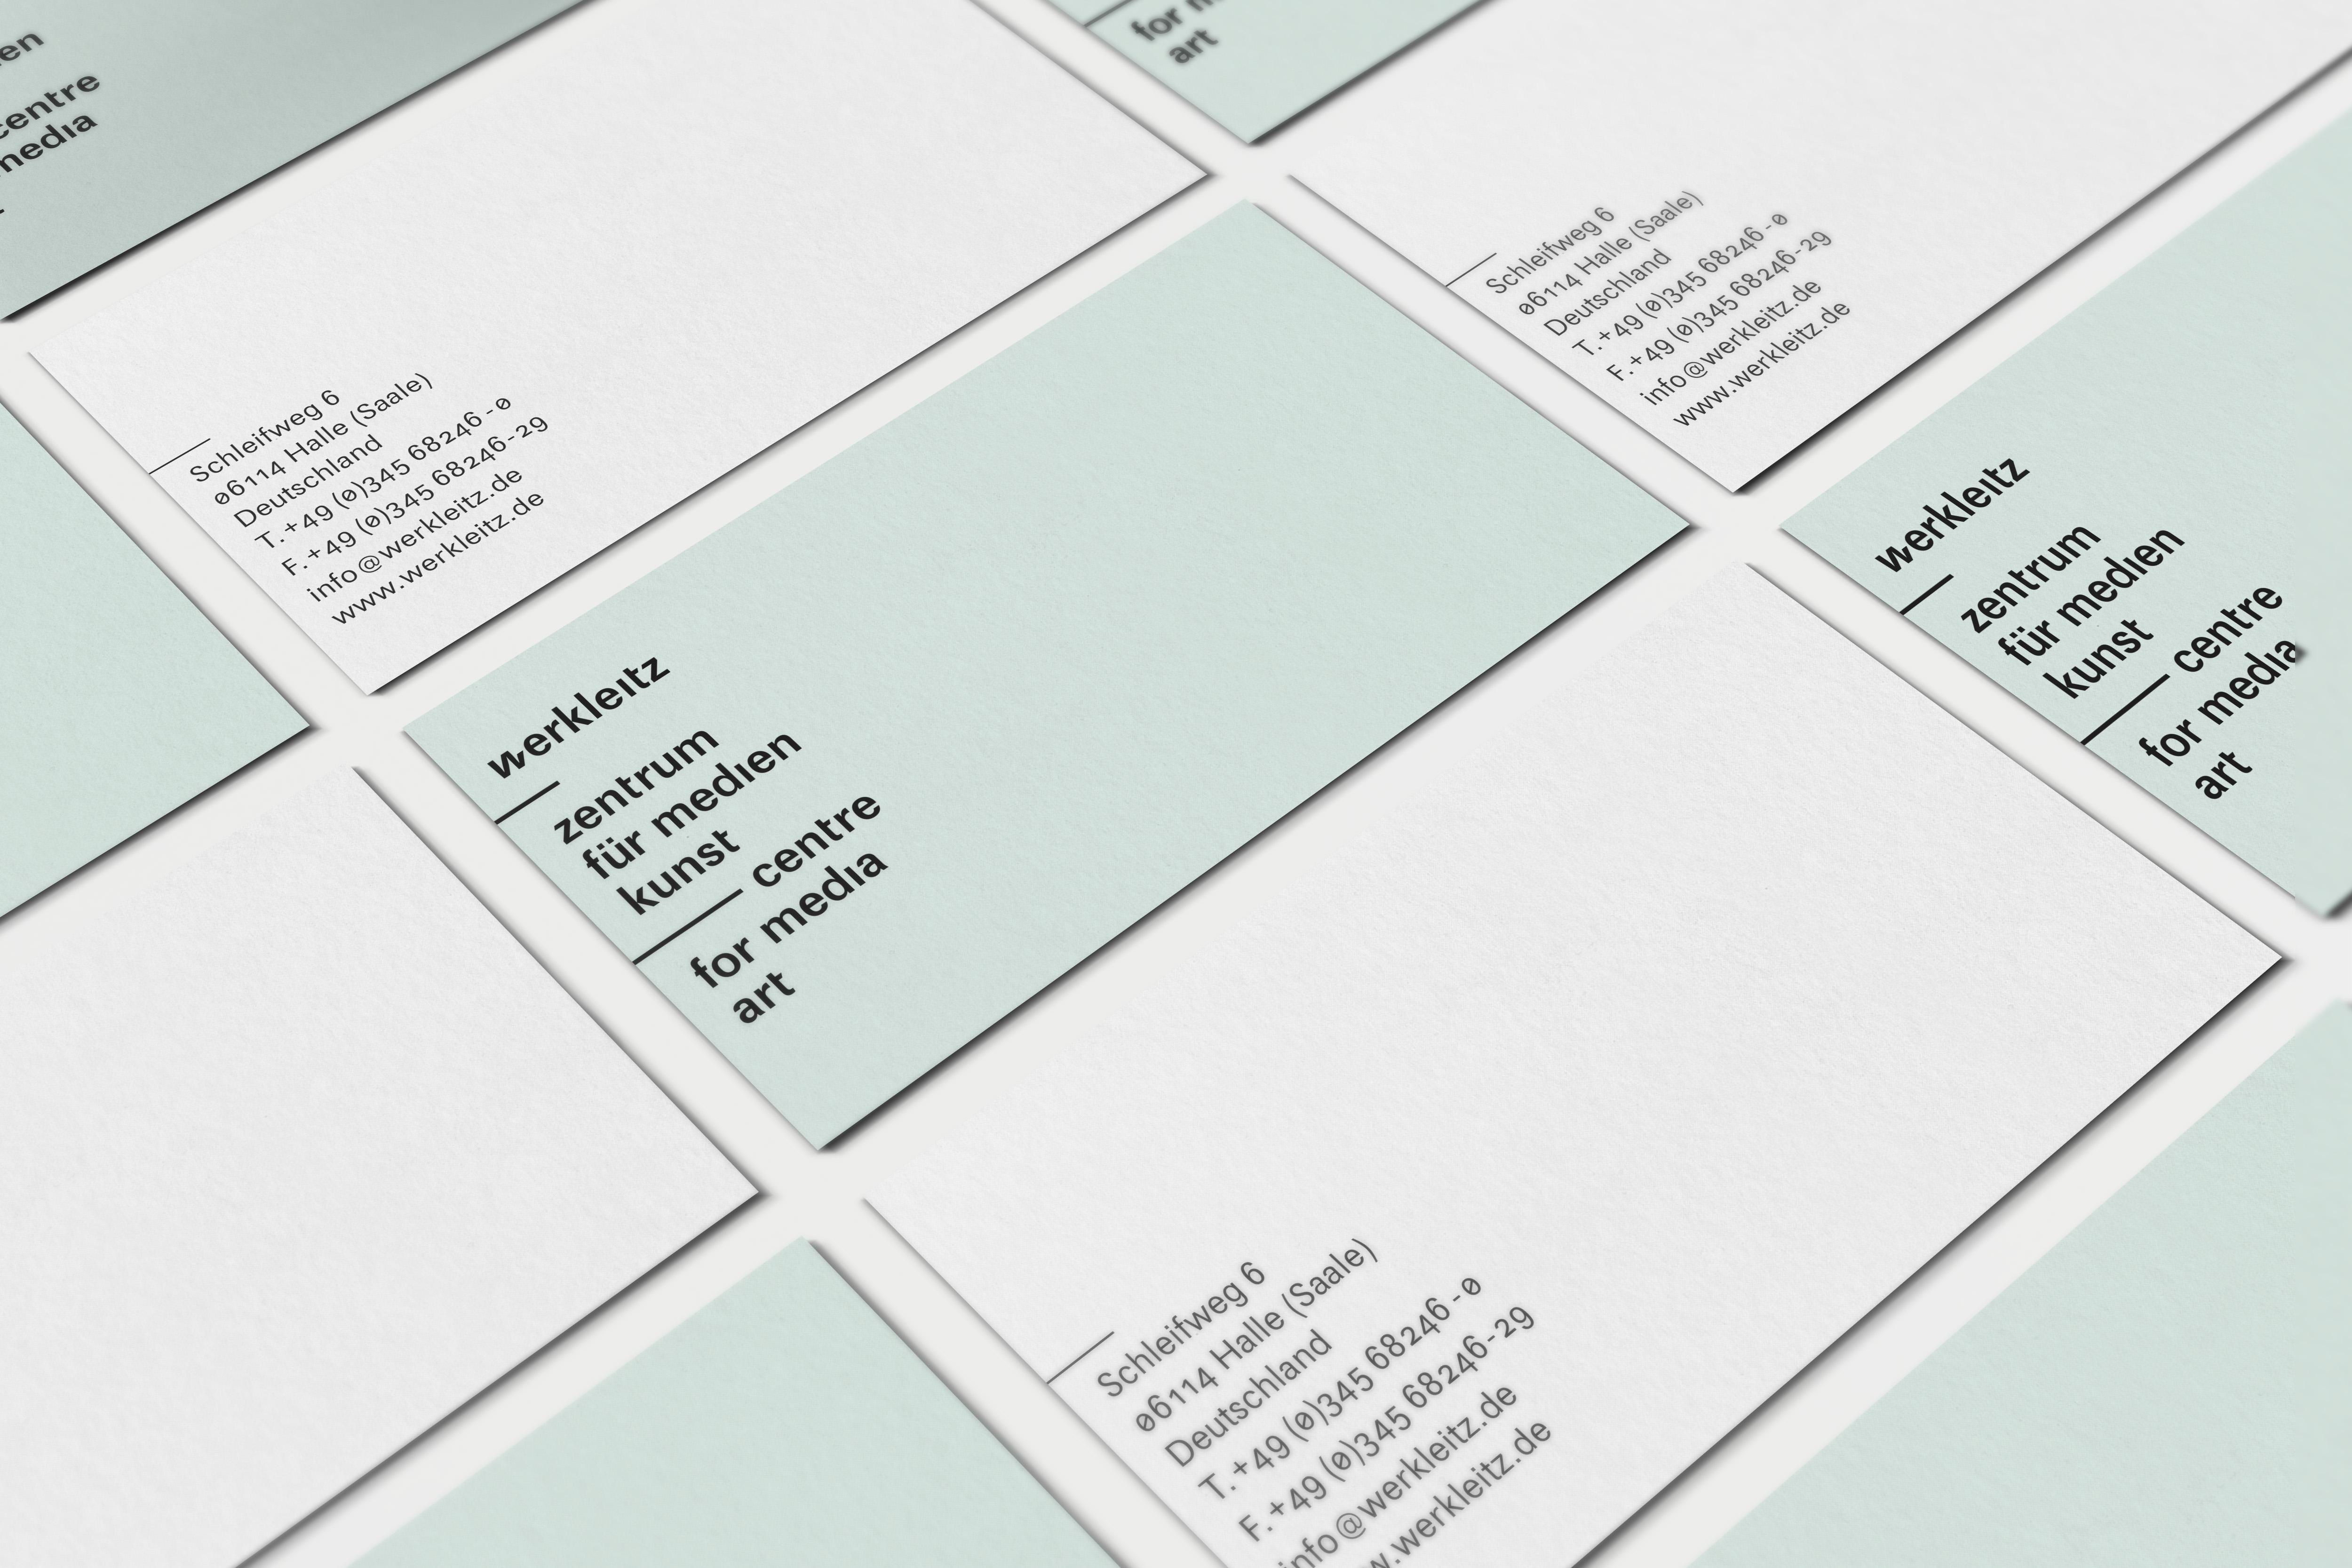 werkleitz_BusinessCard_3_Marcel-Lunkwitz_flat